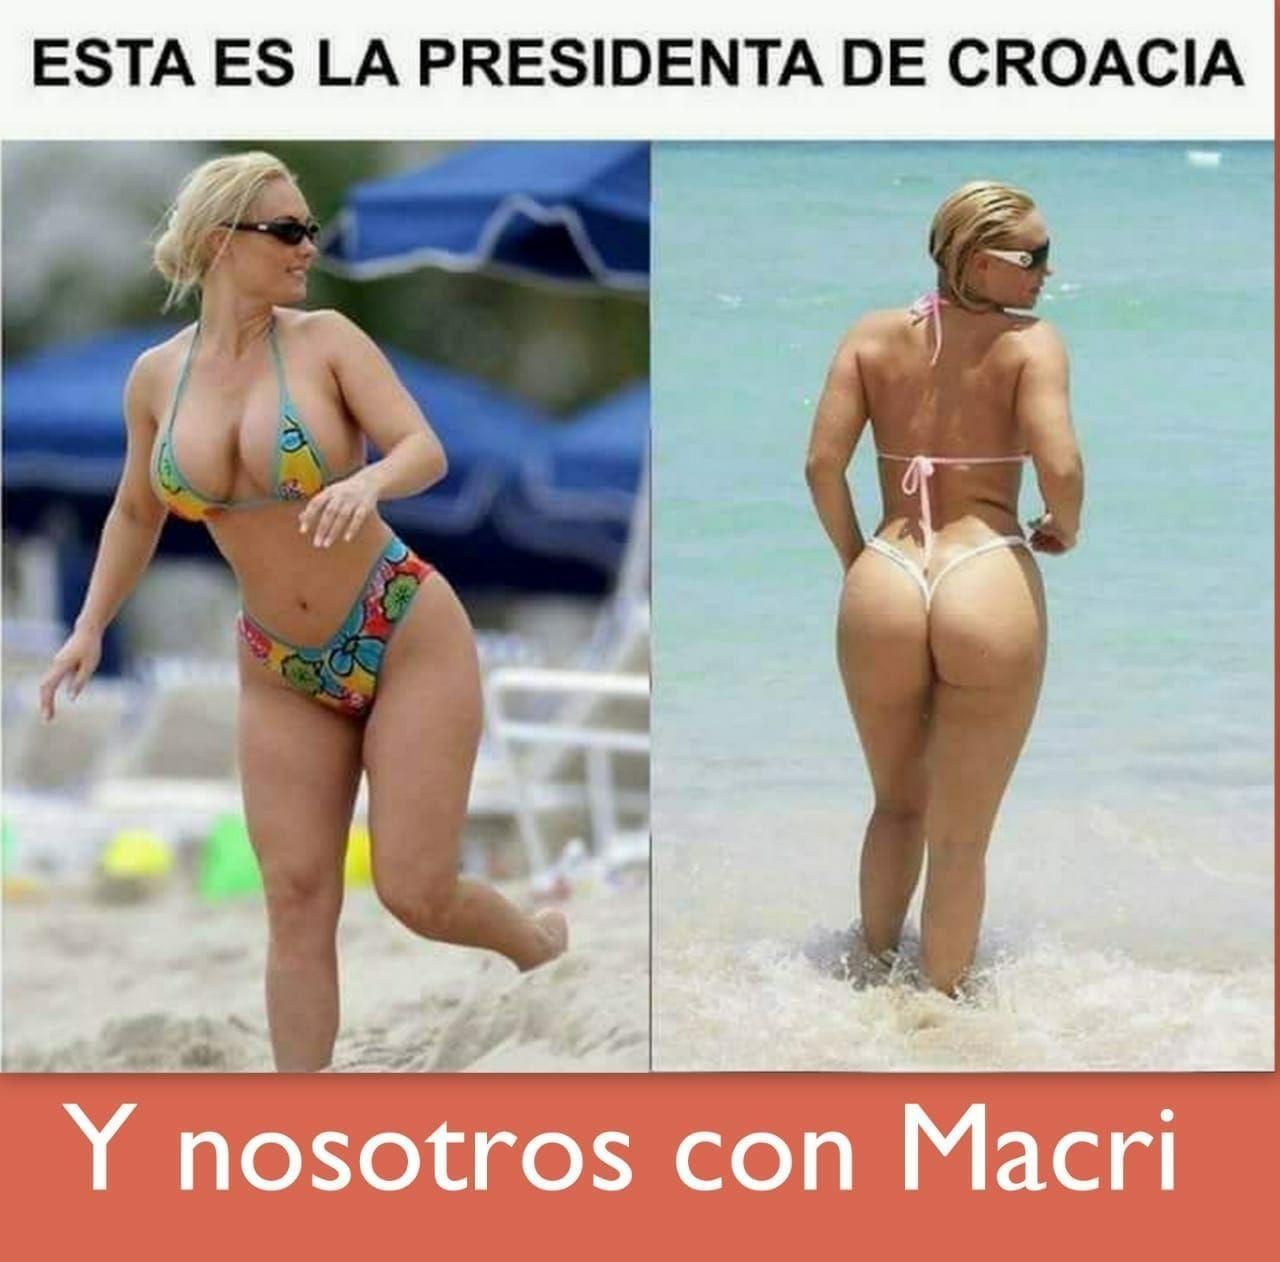 Fotos falsas de la presidente de Croacia en bikini rondan en internet tras la victoria de su selección